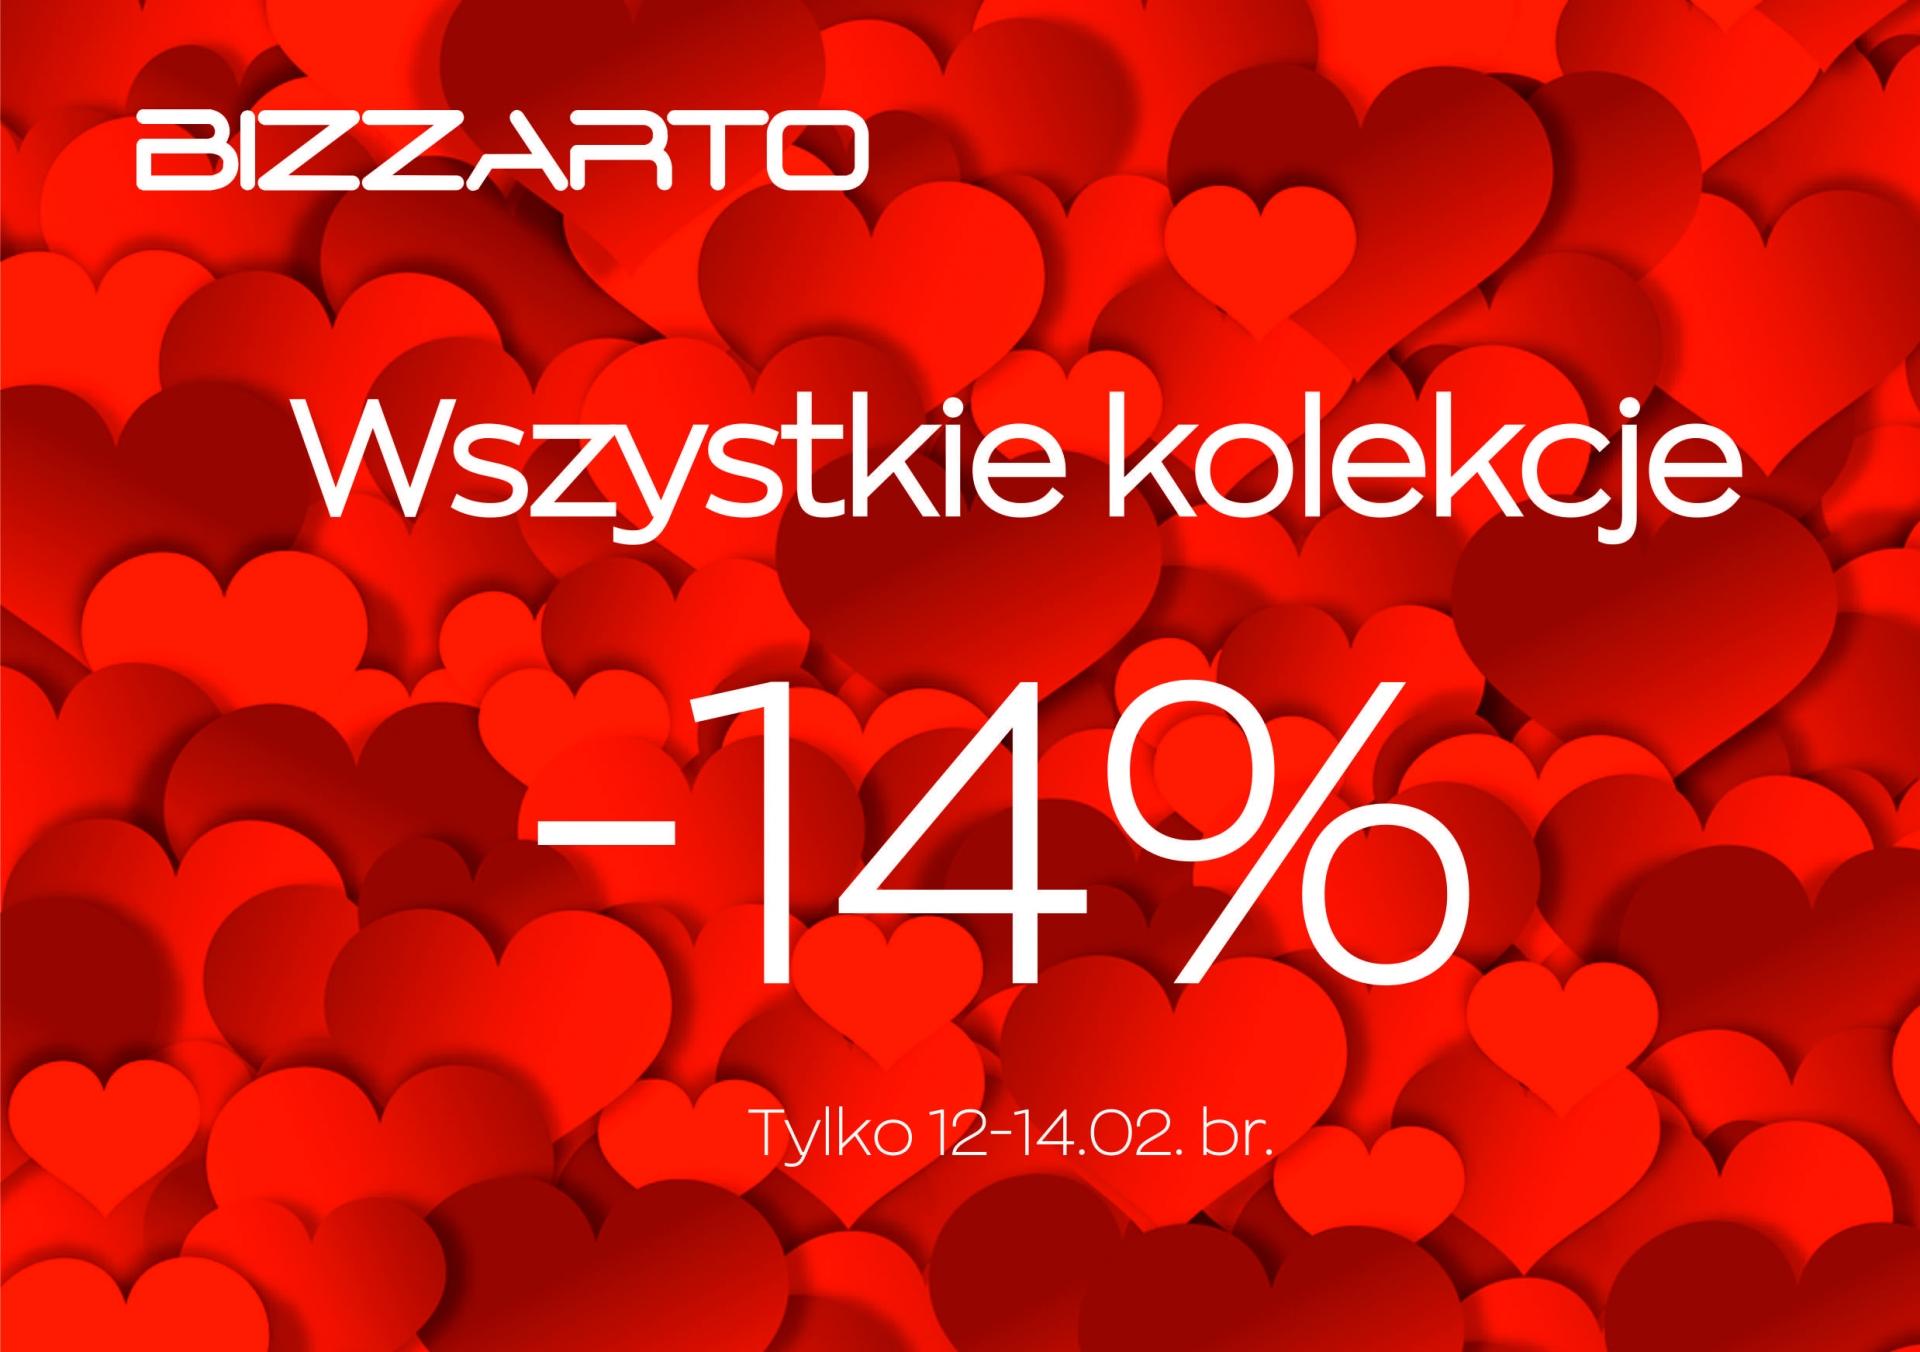 Walentynkowe -14% z BIZZARTO